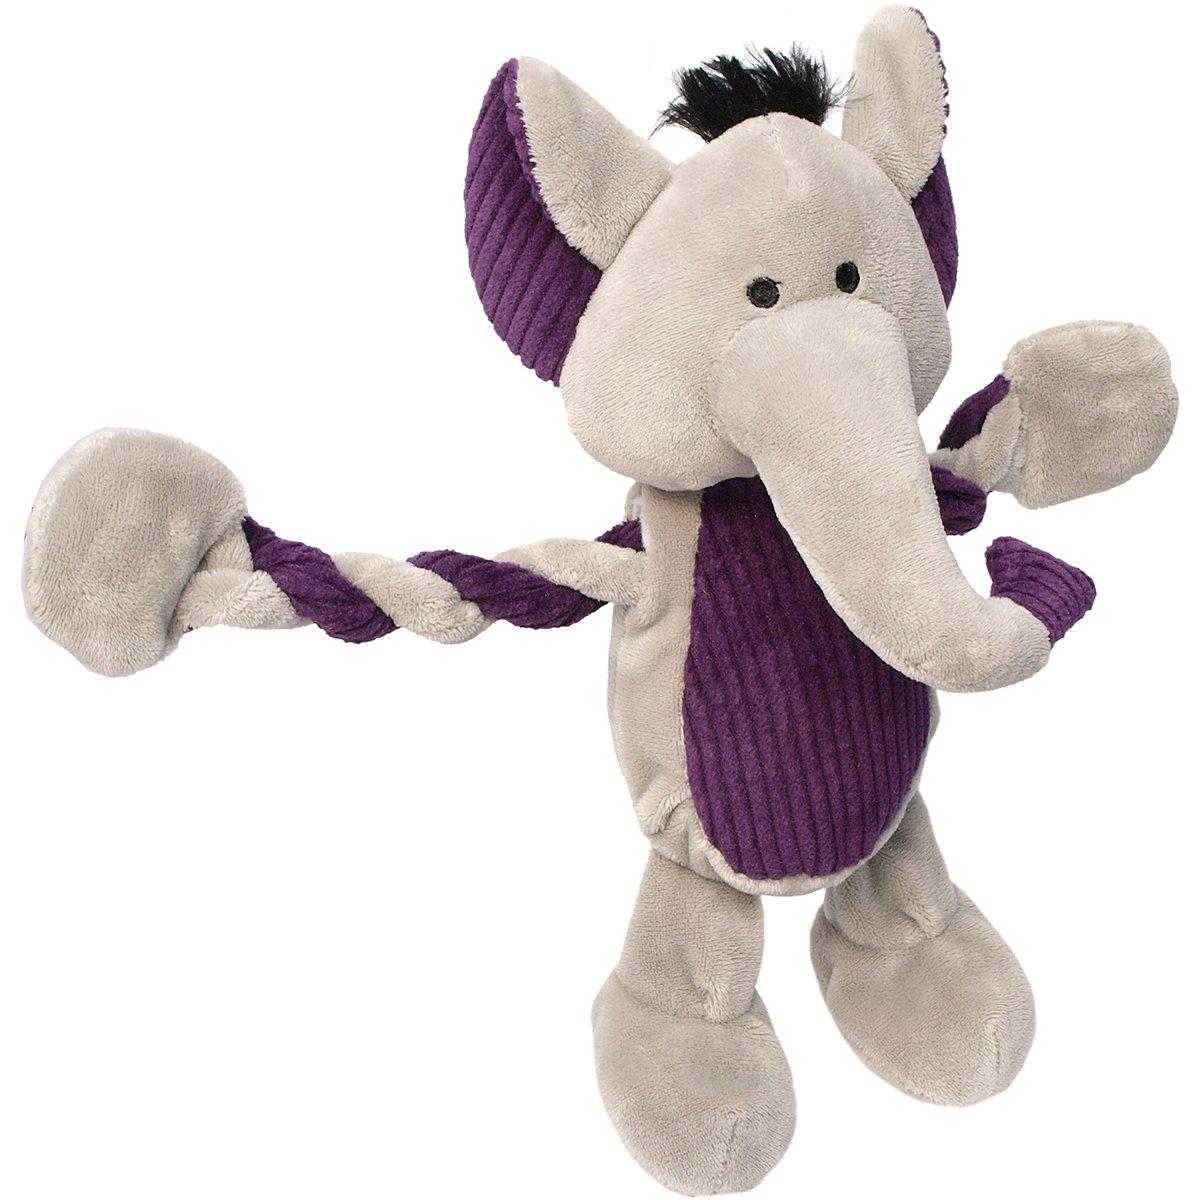 Charming Pet Products Pulleez Elephant Plush Dog Toy